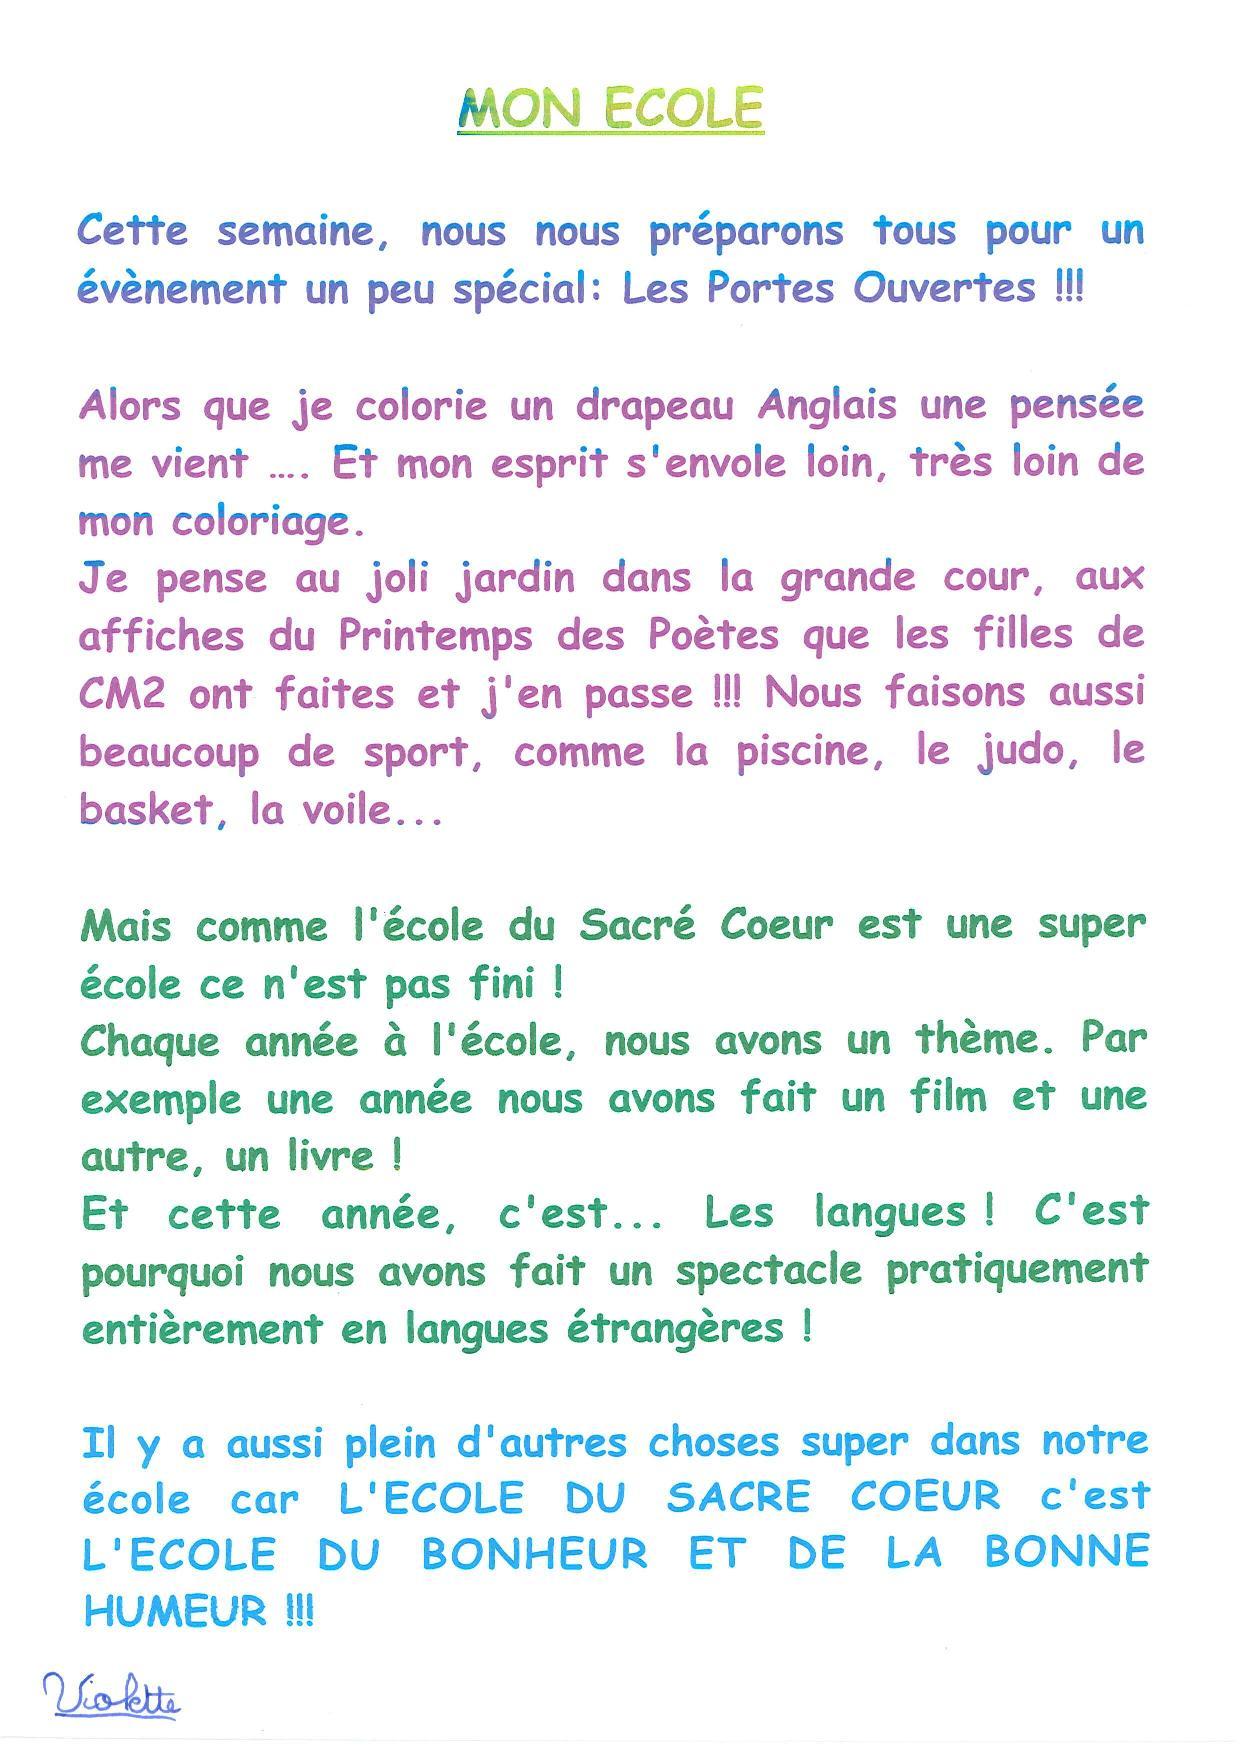 Poesie Mon Ecole Est Plein D Images : poesie, ecole, plein, images, école, Textes